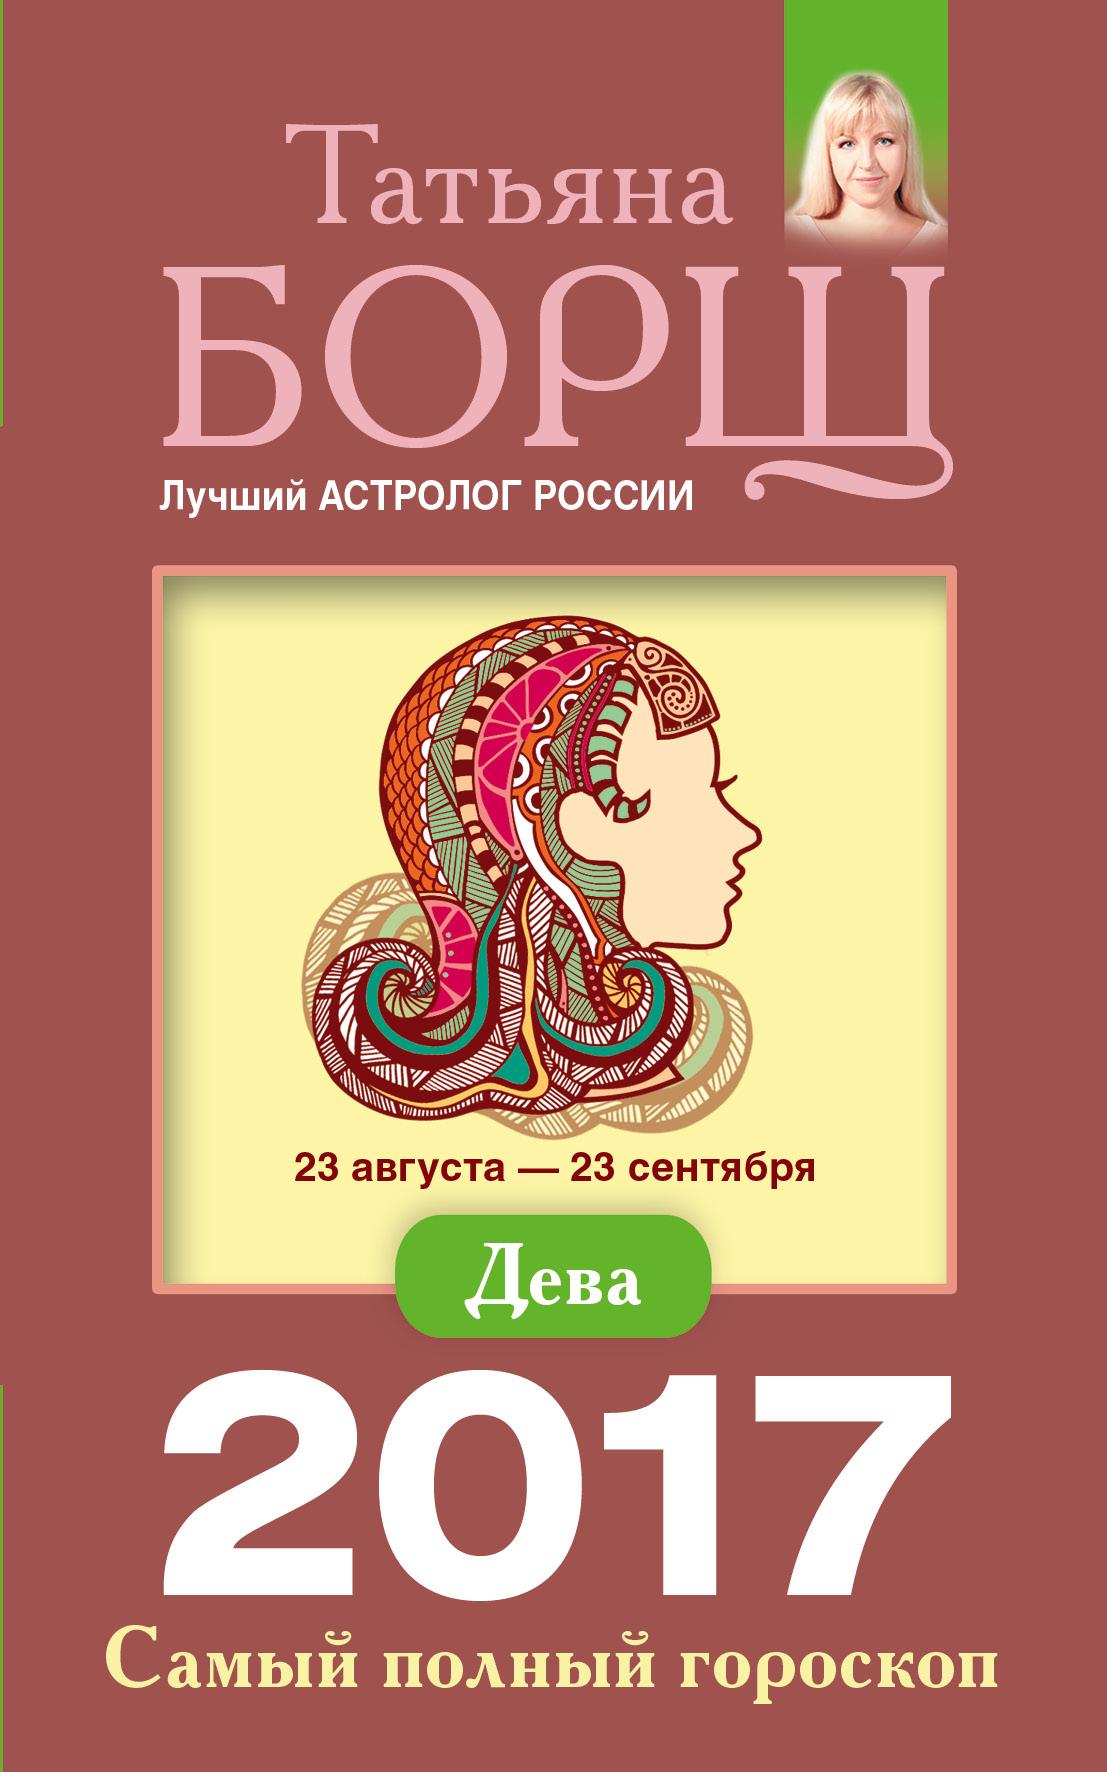 Татьяна Борщ Дева. Самый полный гороскоп на 2017 год все цены